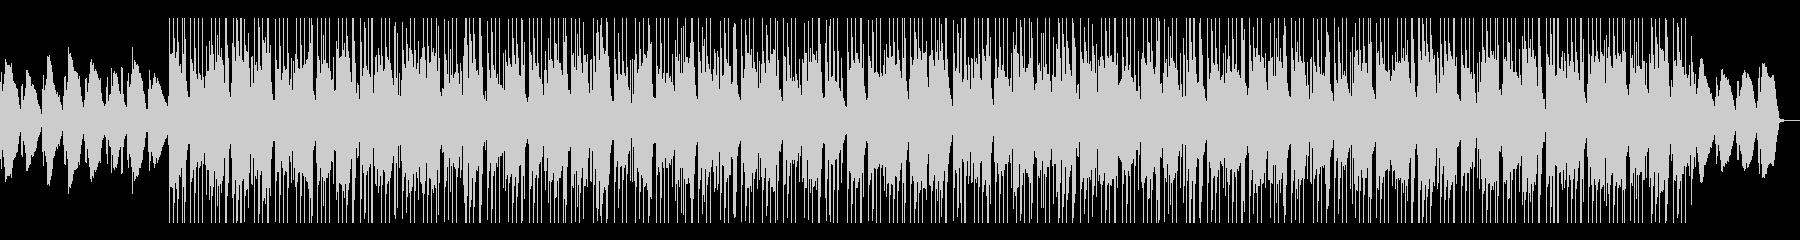 シックなJazzフュージョン系サウンドの未再生の波形